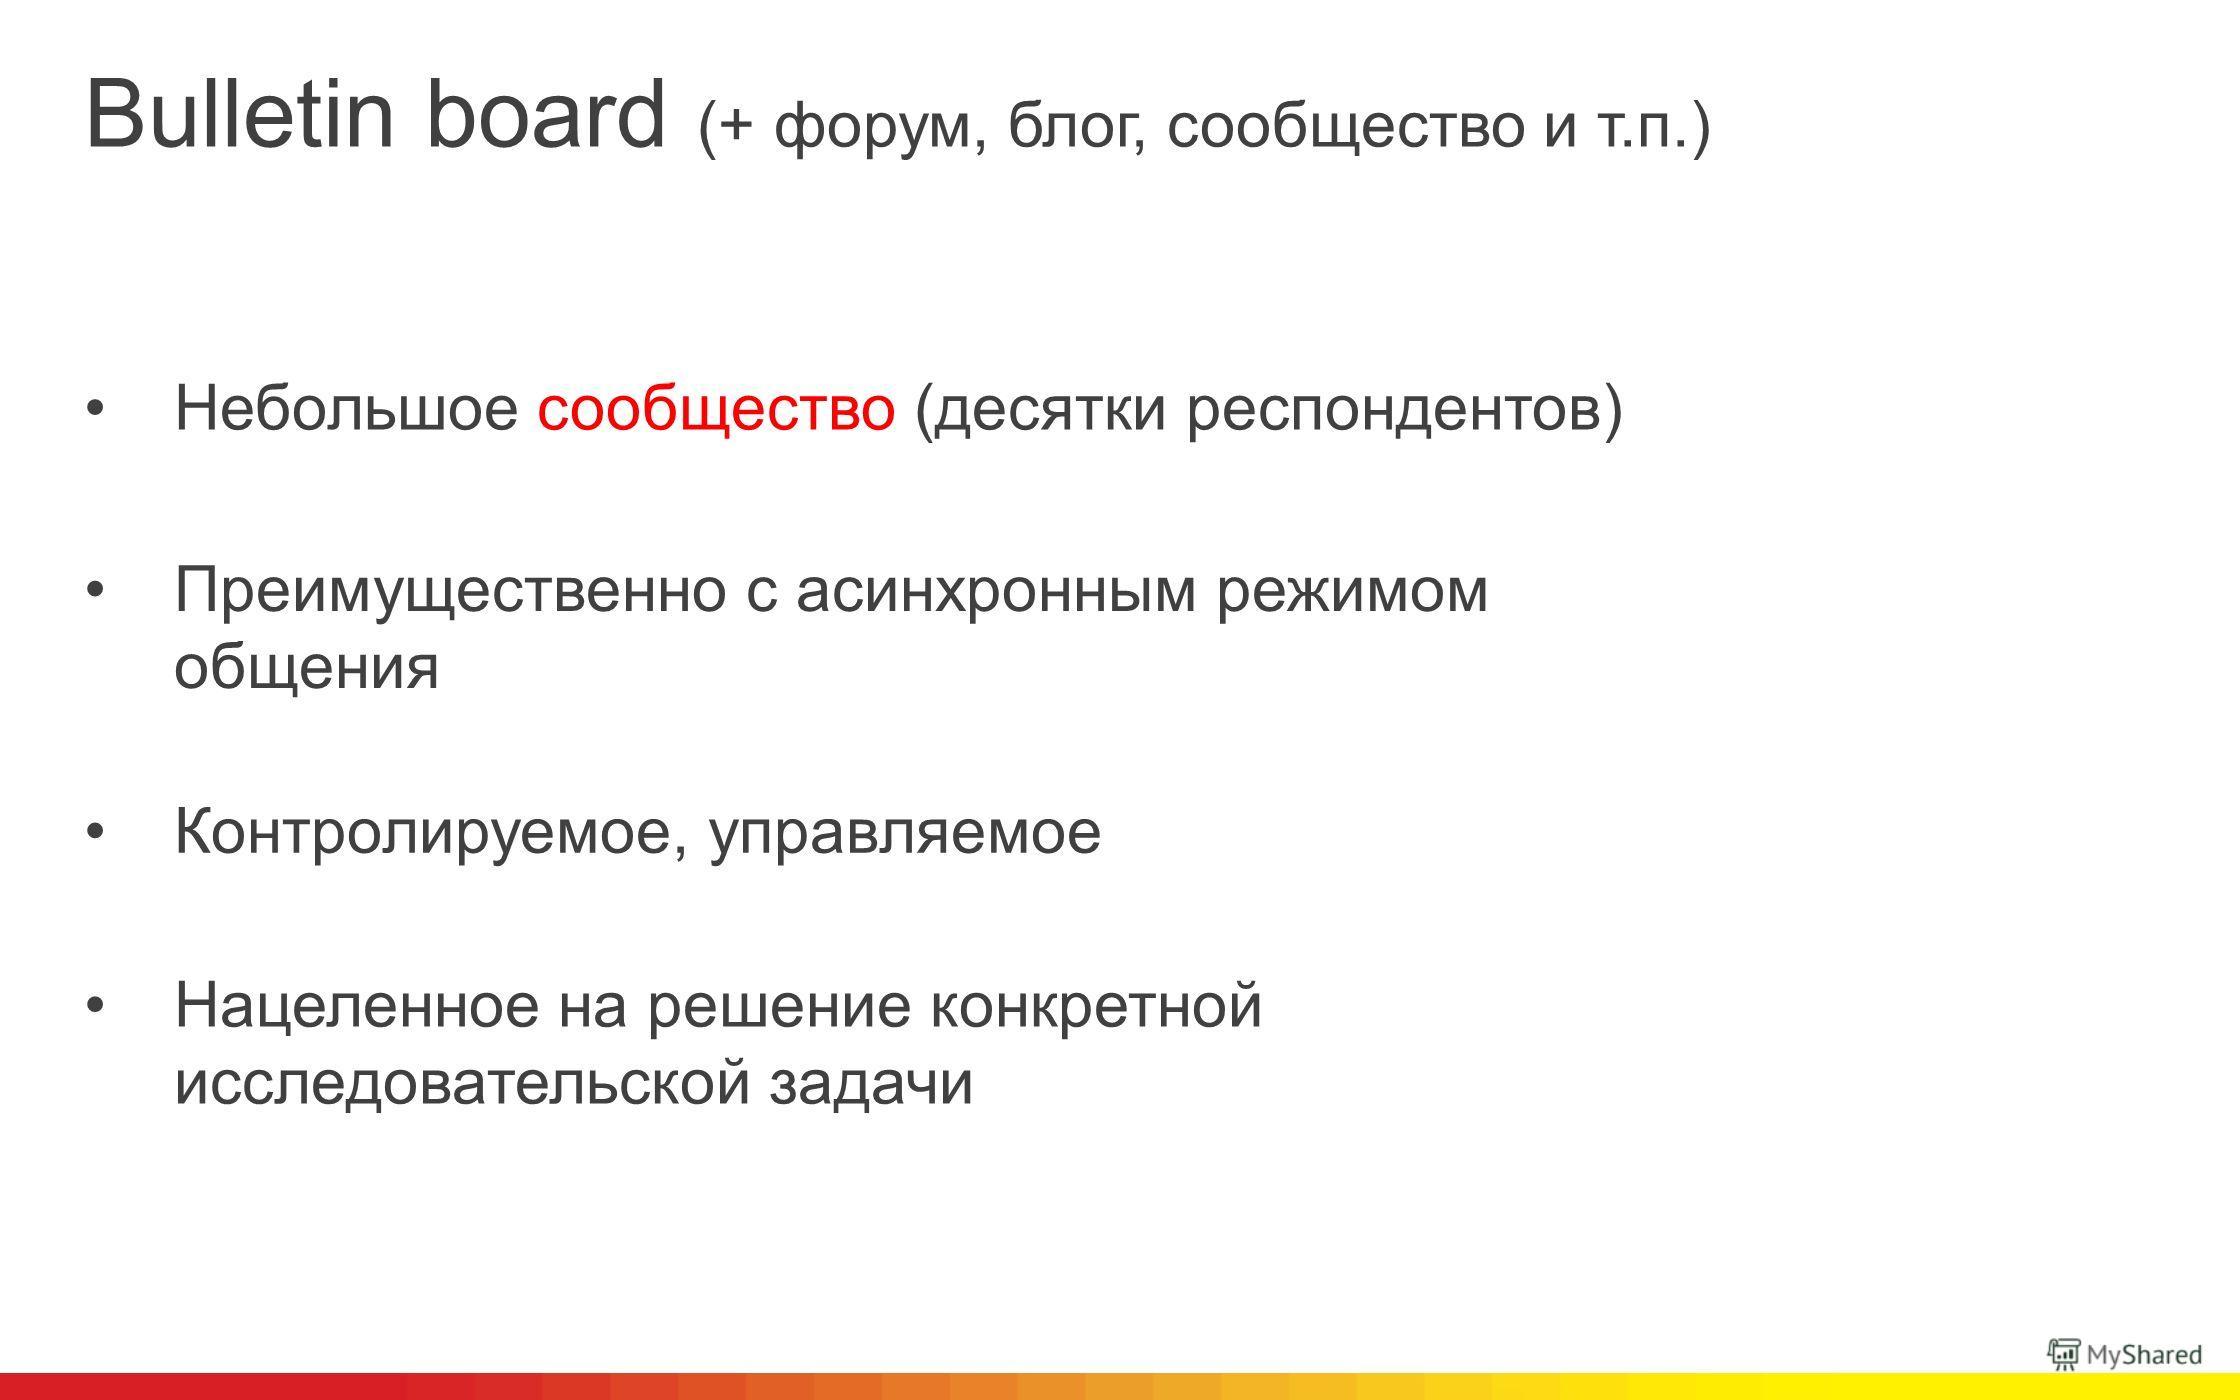 © 2012, Tiburon Research Bulletin board (+ форум, блог, сообщество и т.п.) Небольшое сообщество (десятки респондентов) Преимущественно с асинхронным режимом общения Нацеленное на решение конкретной исследовательской задачи Контролируемое, управляемое